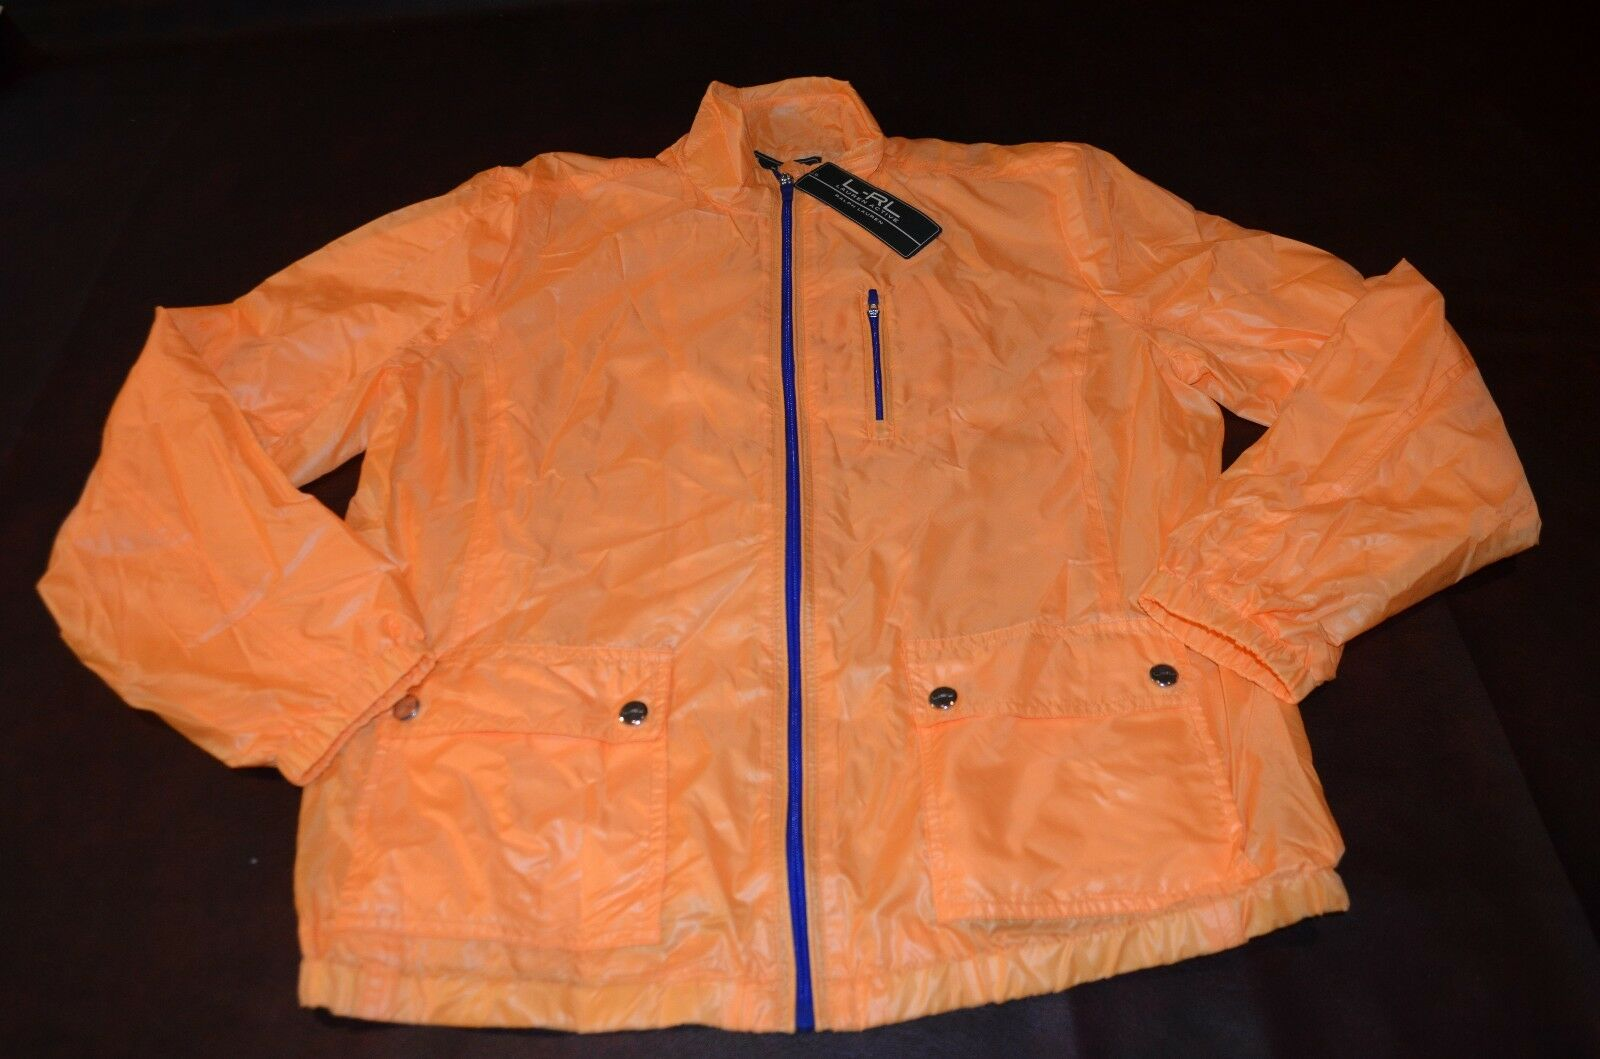 Neuf avec étiquettes fabricants Standard prix de détail  120 Femme Lauren Active Ralph Lauren Active Ora Veste Manteau courir